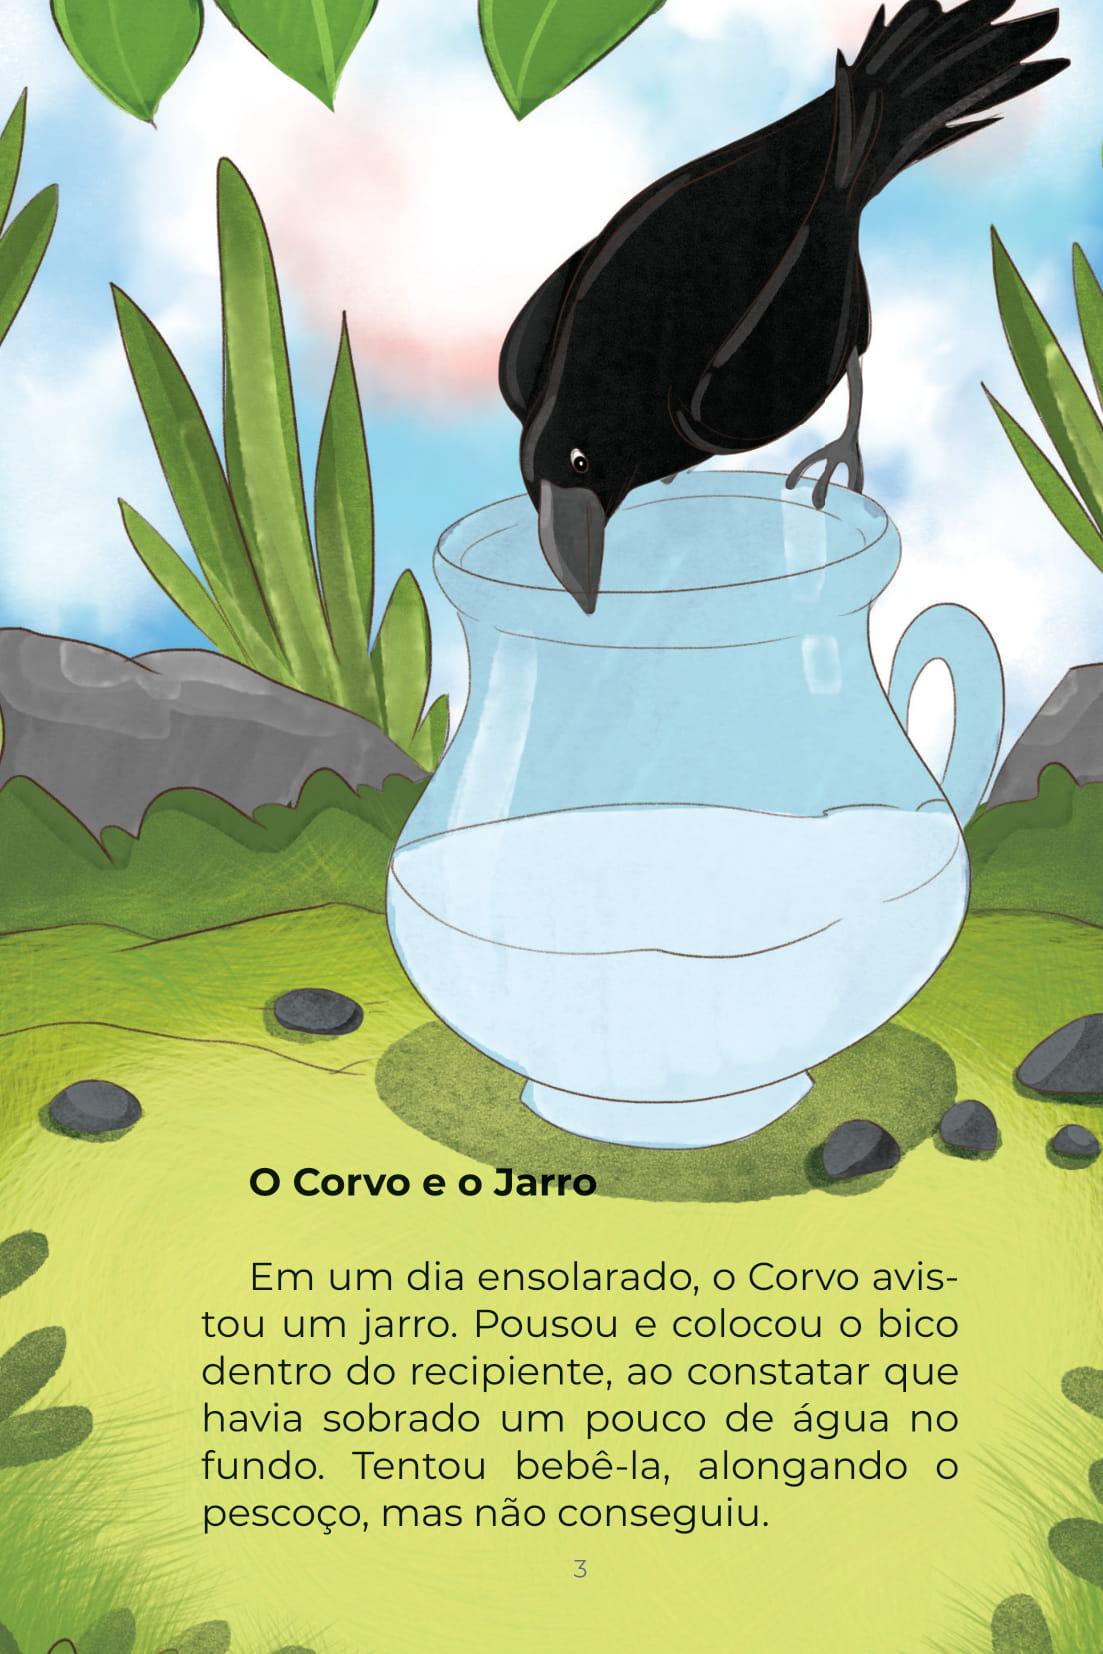 História O Corvo e o Jarro e Outras Histórias (Conta Pra Mim); Imprimir PDF Grátis